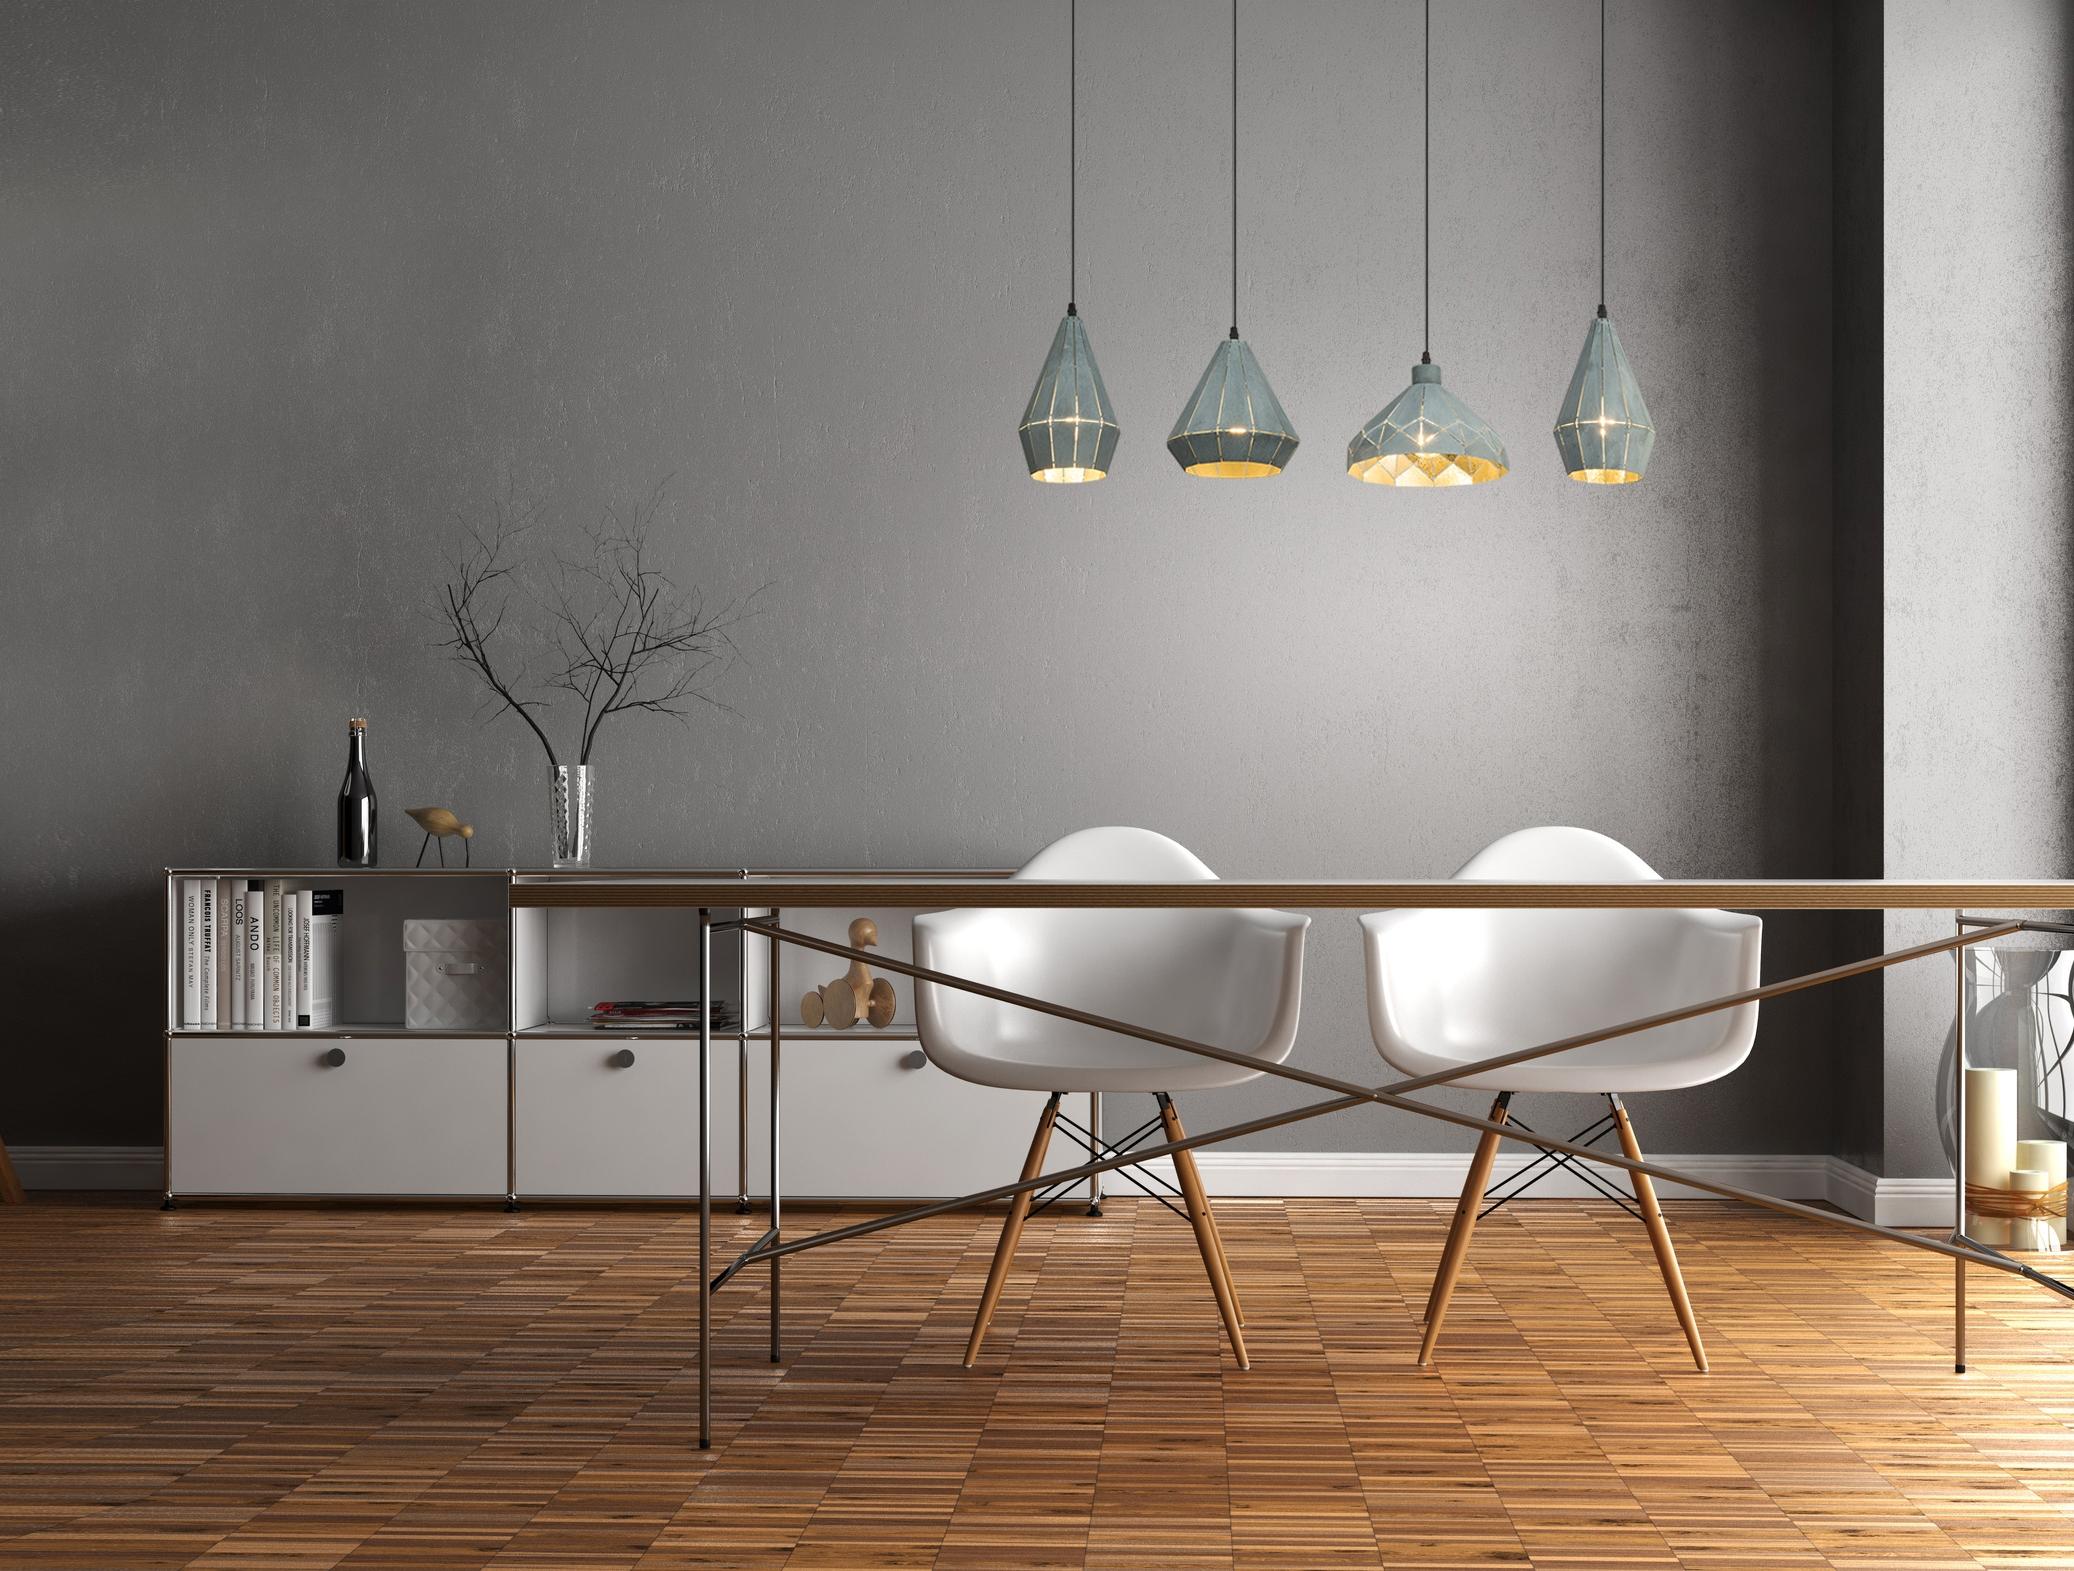 Verrassend Hanglampen set 4 lampen 'Schorsing' metaal grijs E27 fitting nodig AB-21